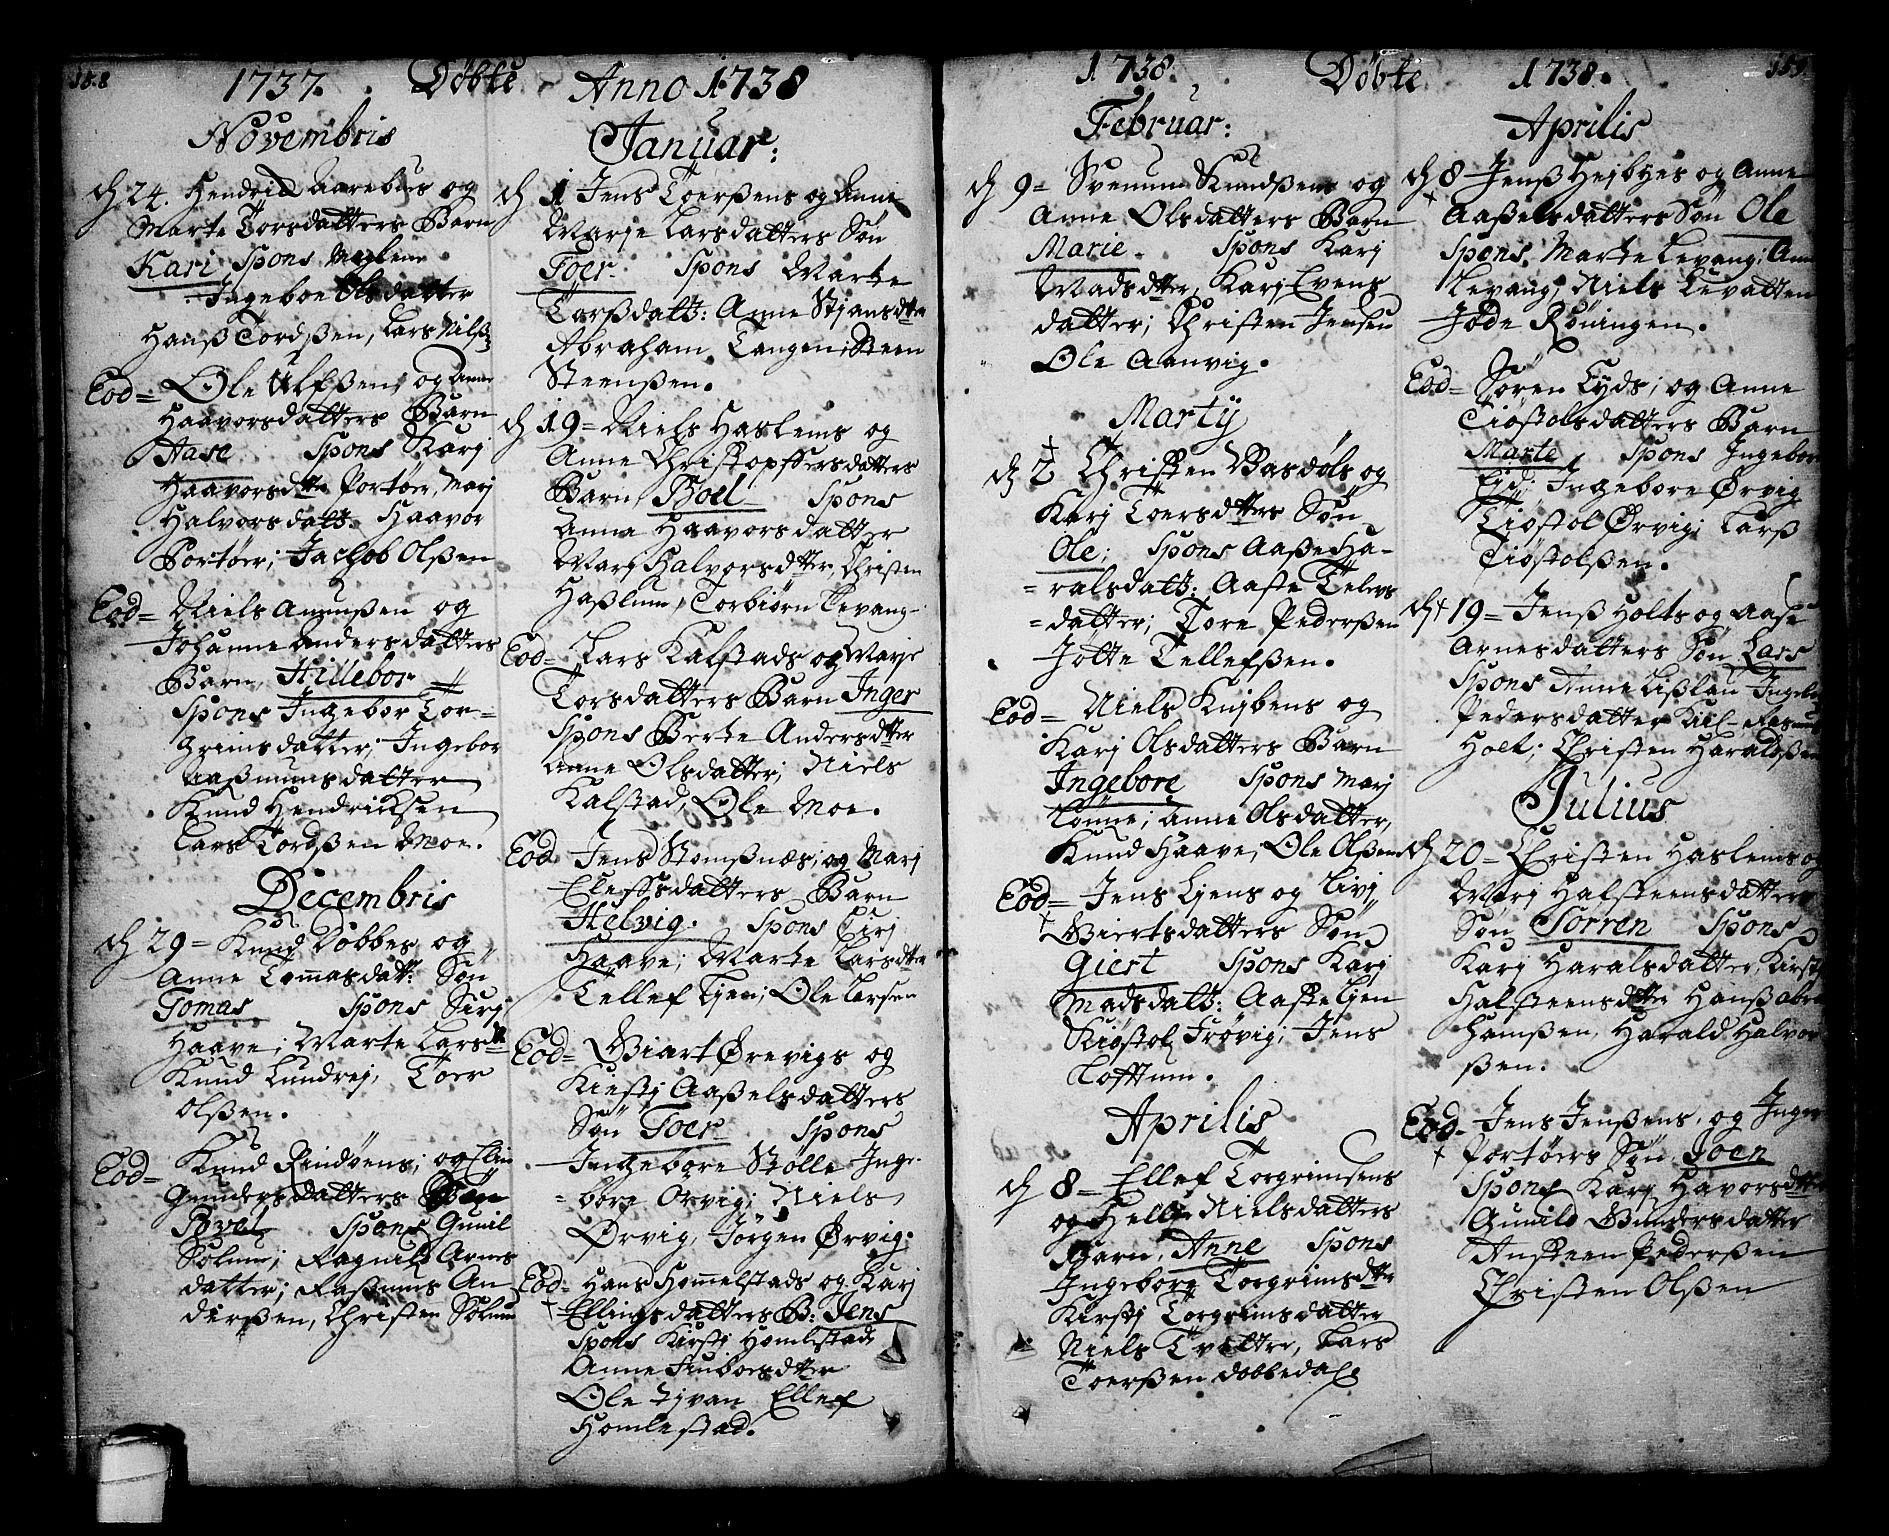 SAKO, Sannidal kirkebøker, F/Fa/L0001: Ministerialbok nr. 1, 1702-1766, s. 158-159